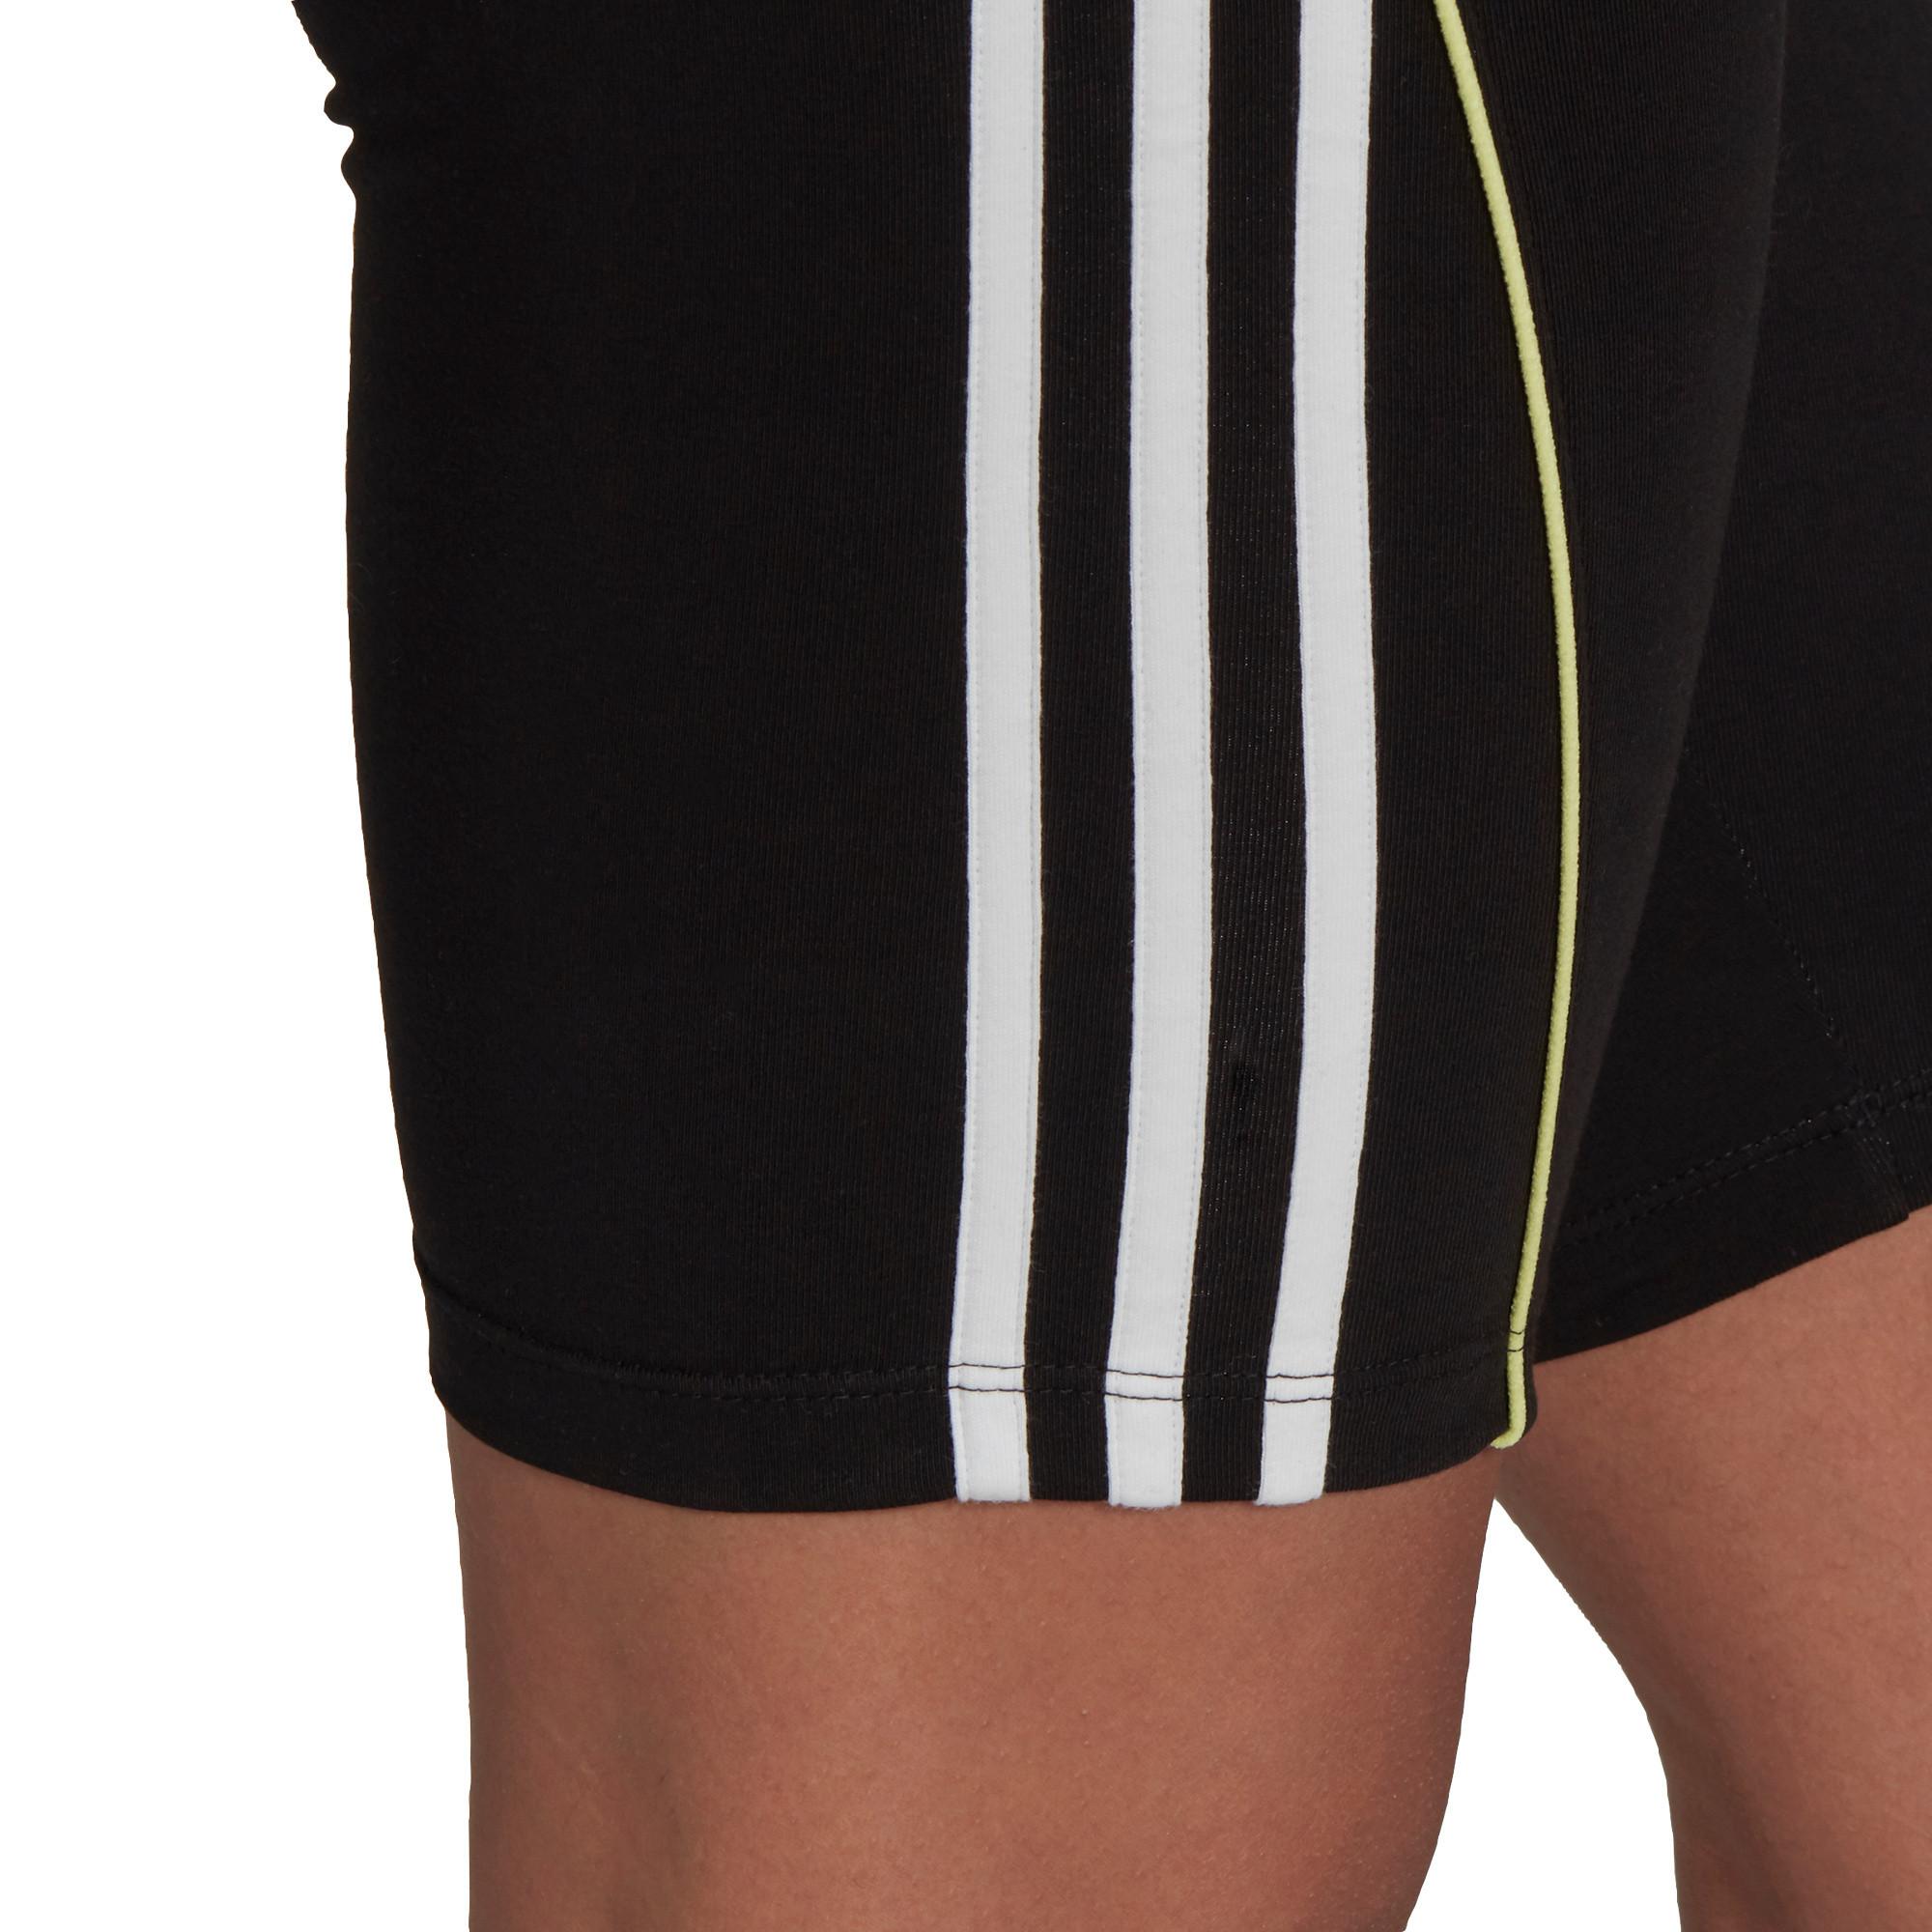 Shorts a vita alta con bordino corto, Nero, large image number 3